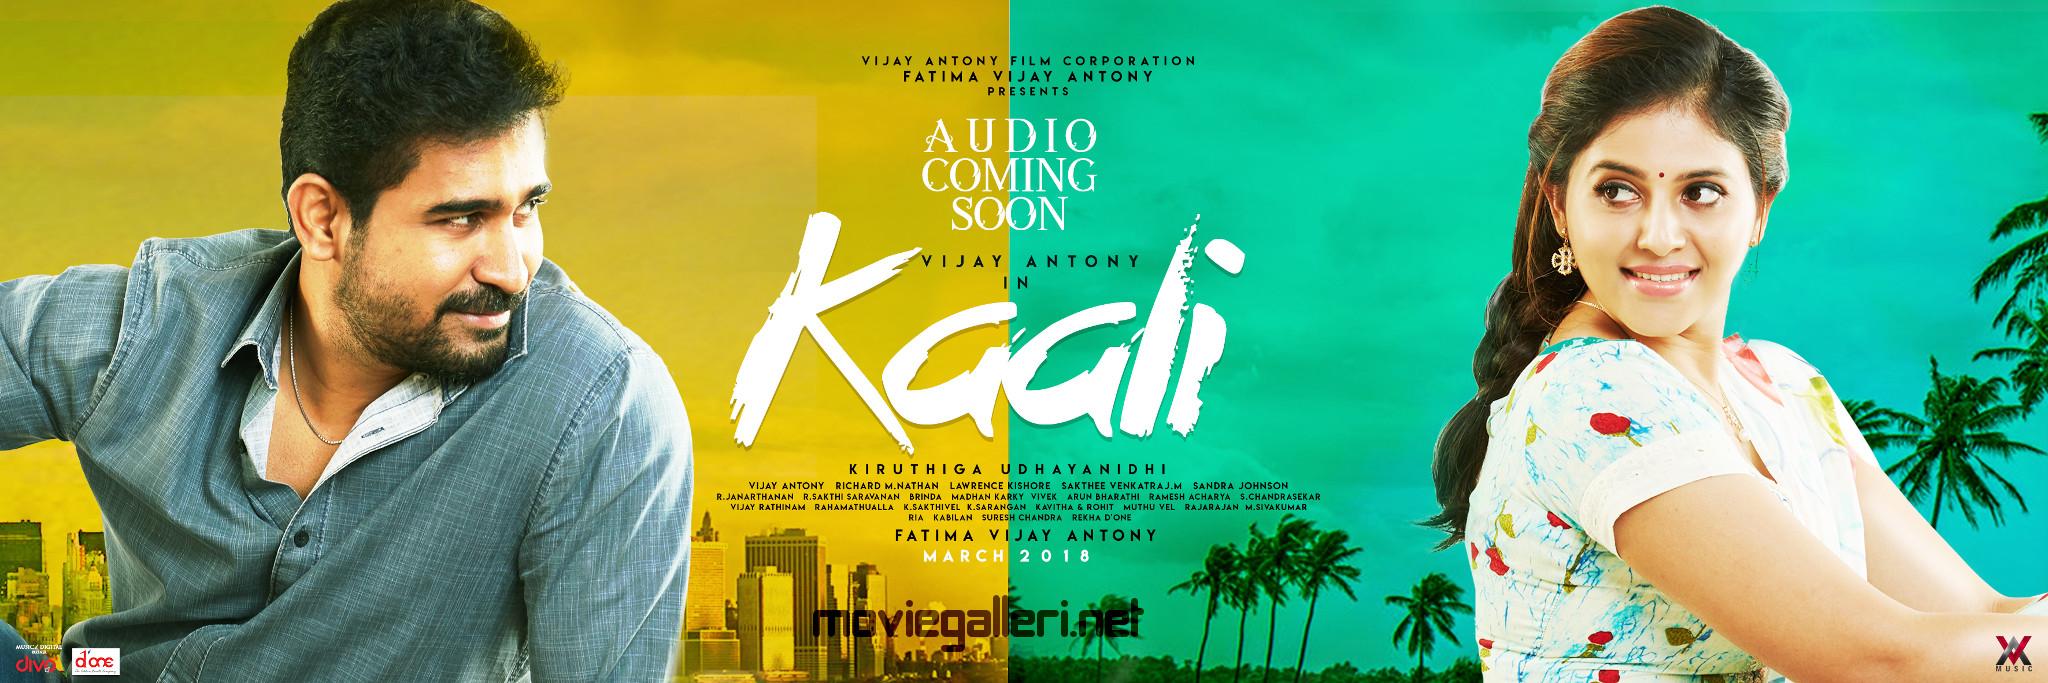 Vijay Antony Anjali Kaali Movie Details